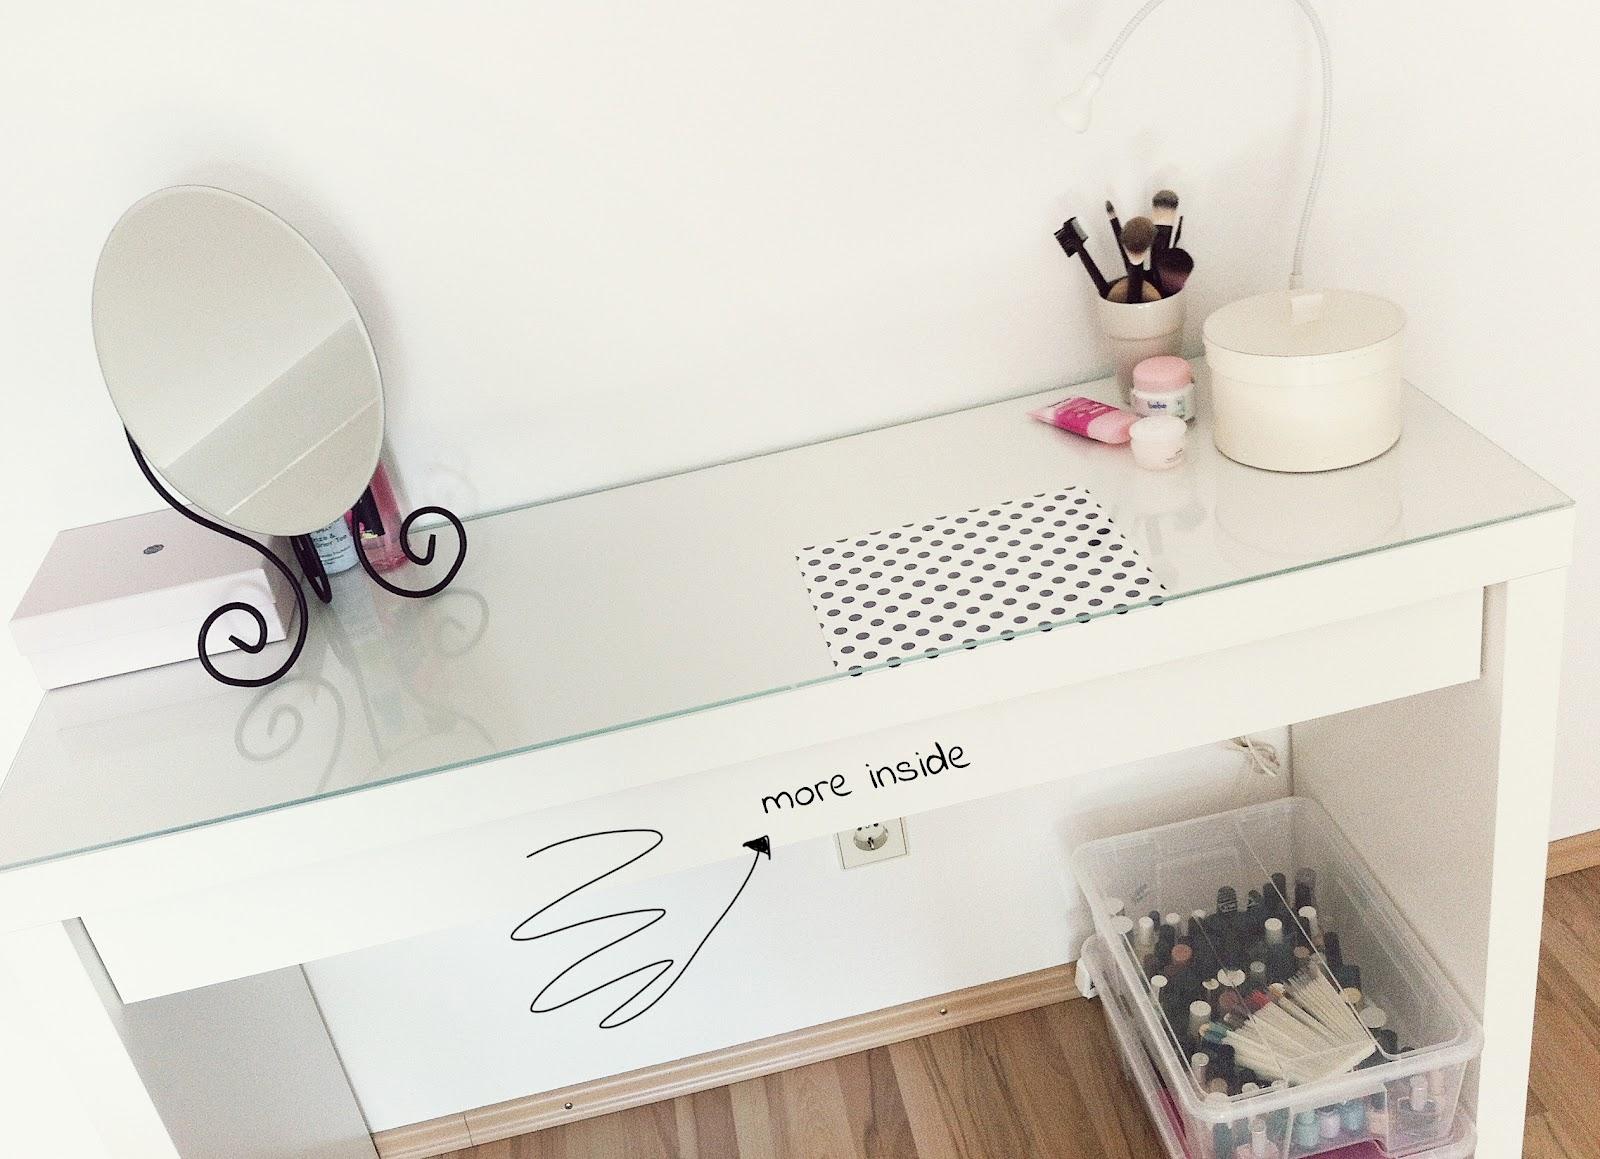 Godmorgon Cabinet From Ikea ~ Hier könnt Ihr das gute Stück sehen Auf dem Schminktisch versuche